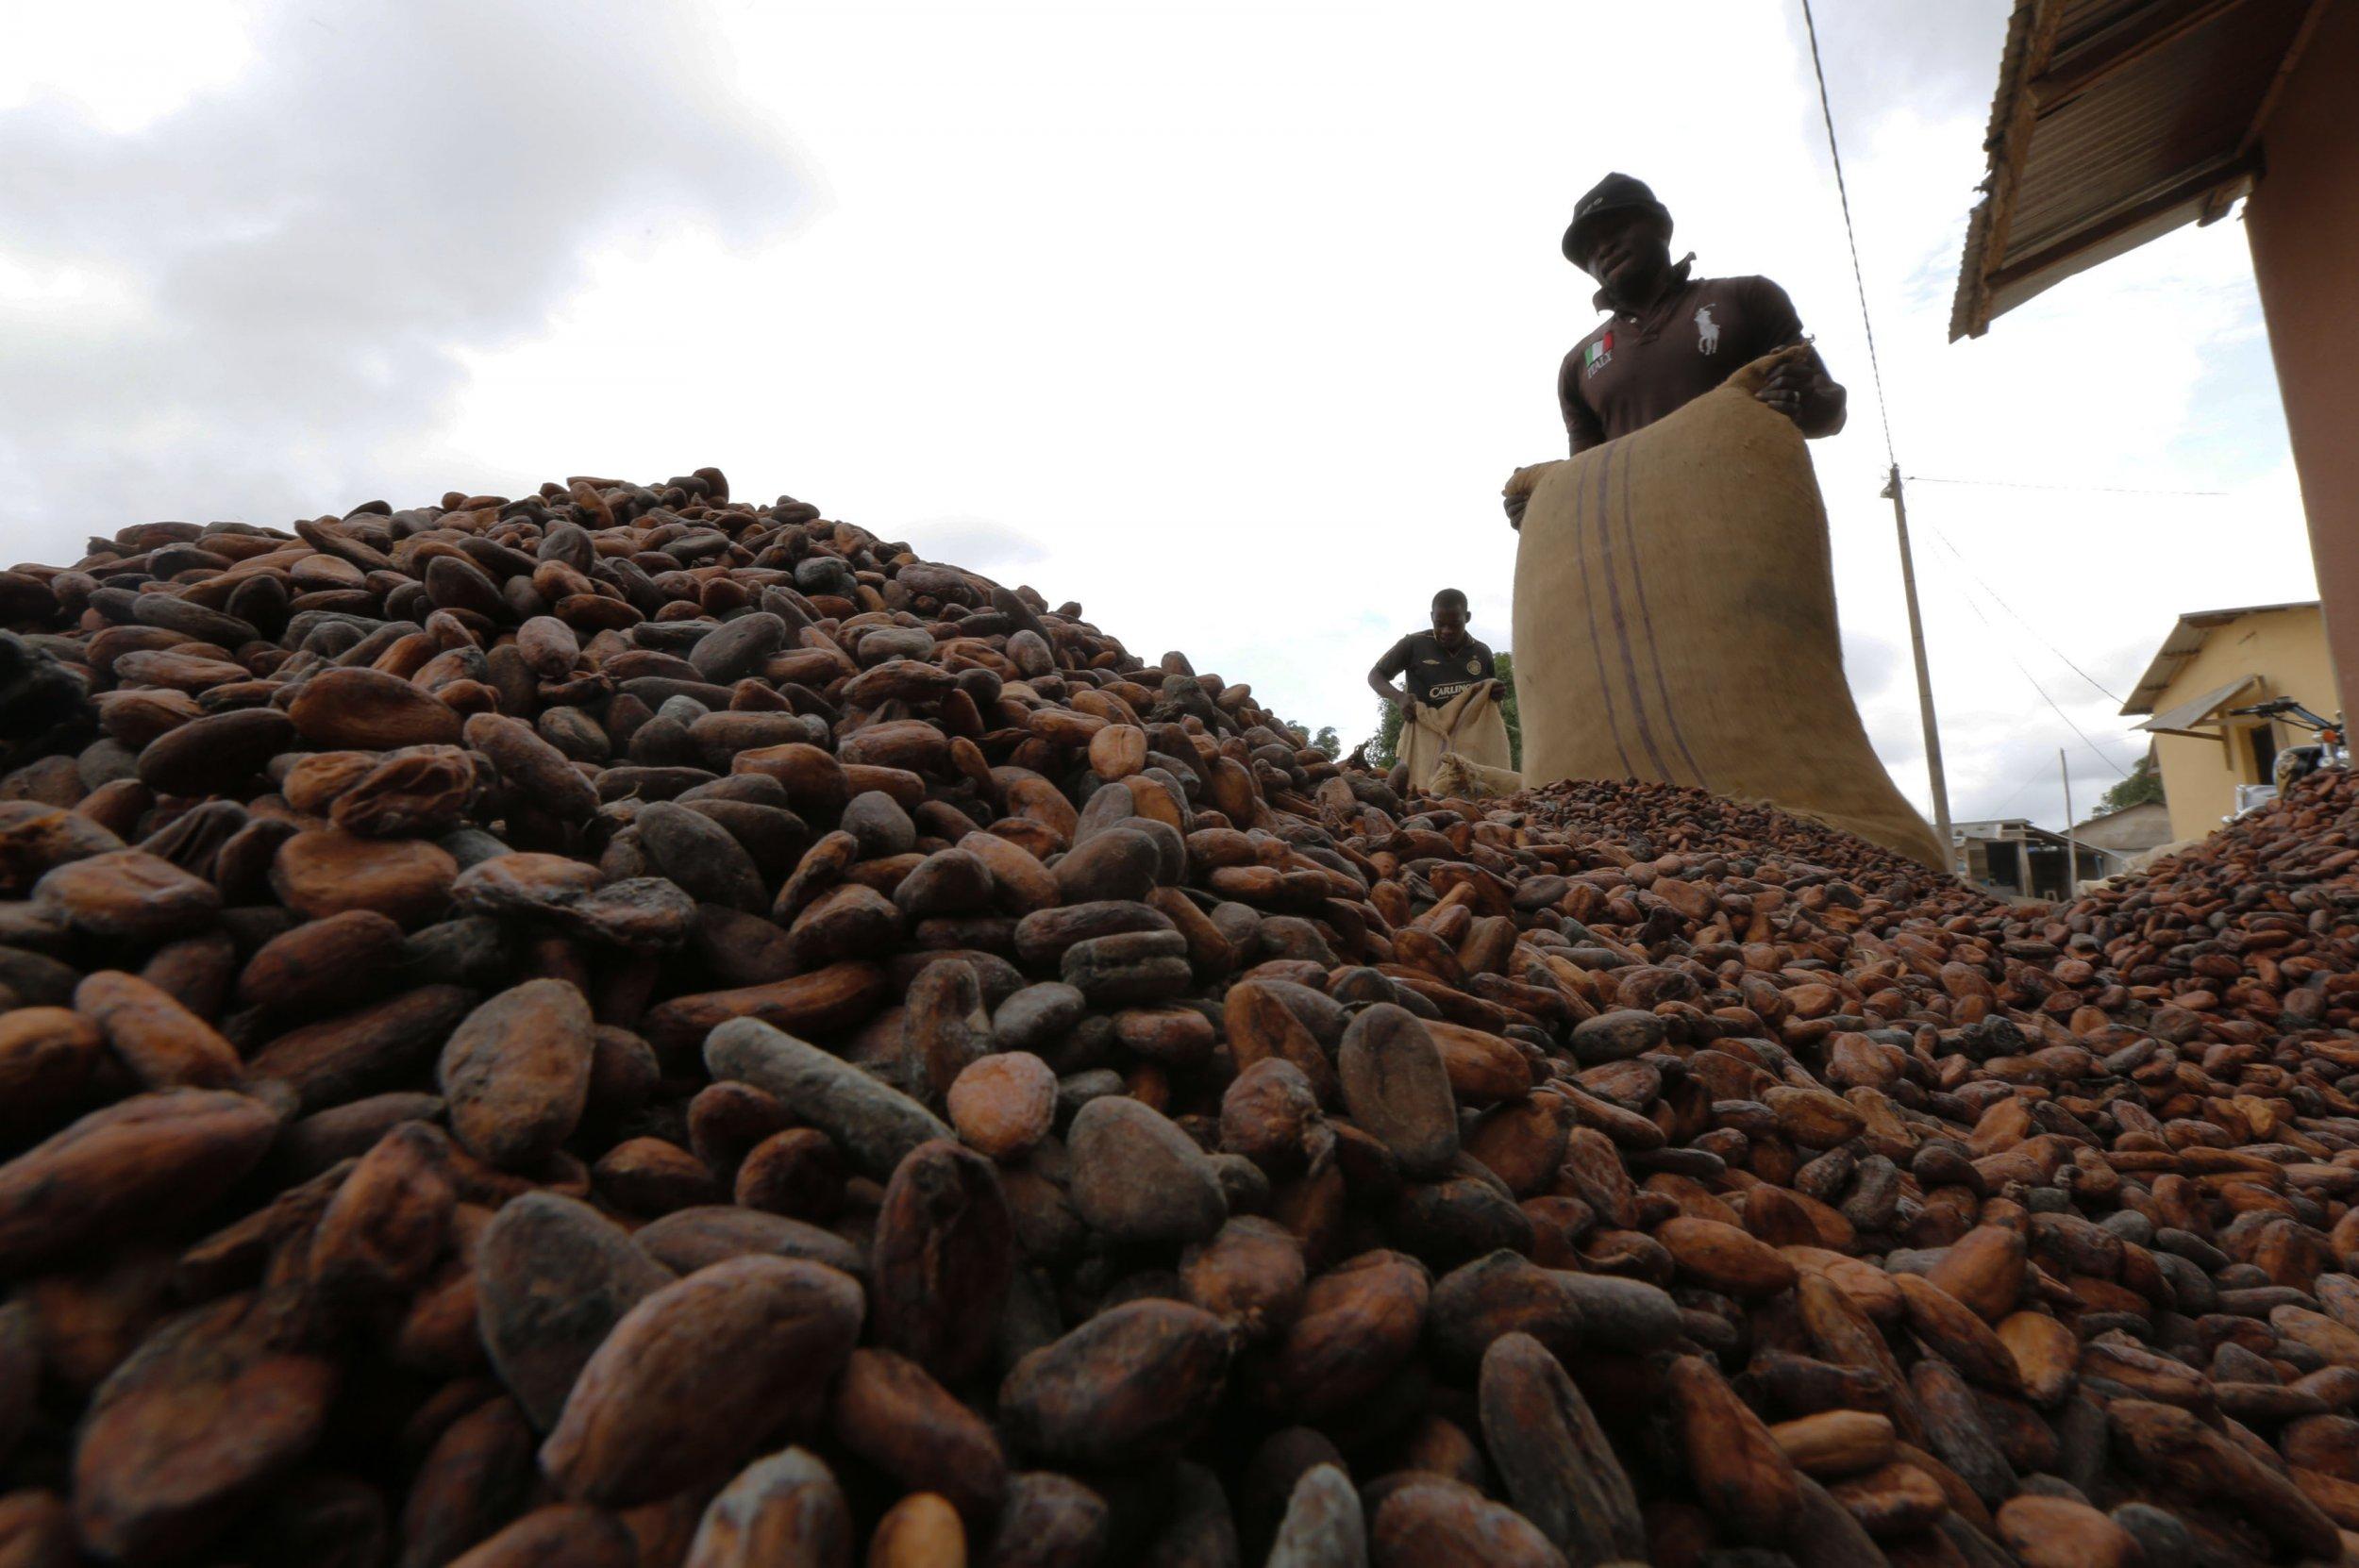 10-15-14 Ebola cocoa